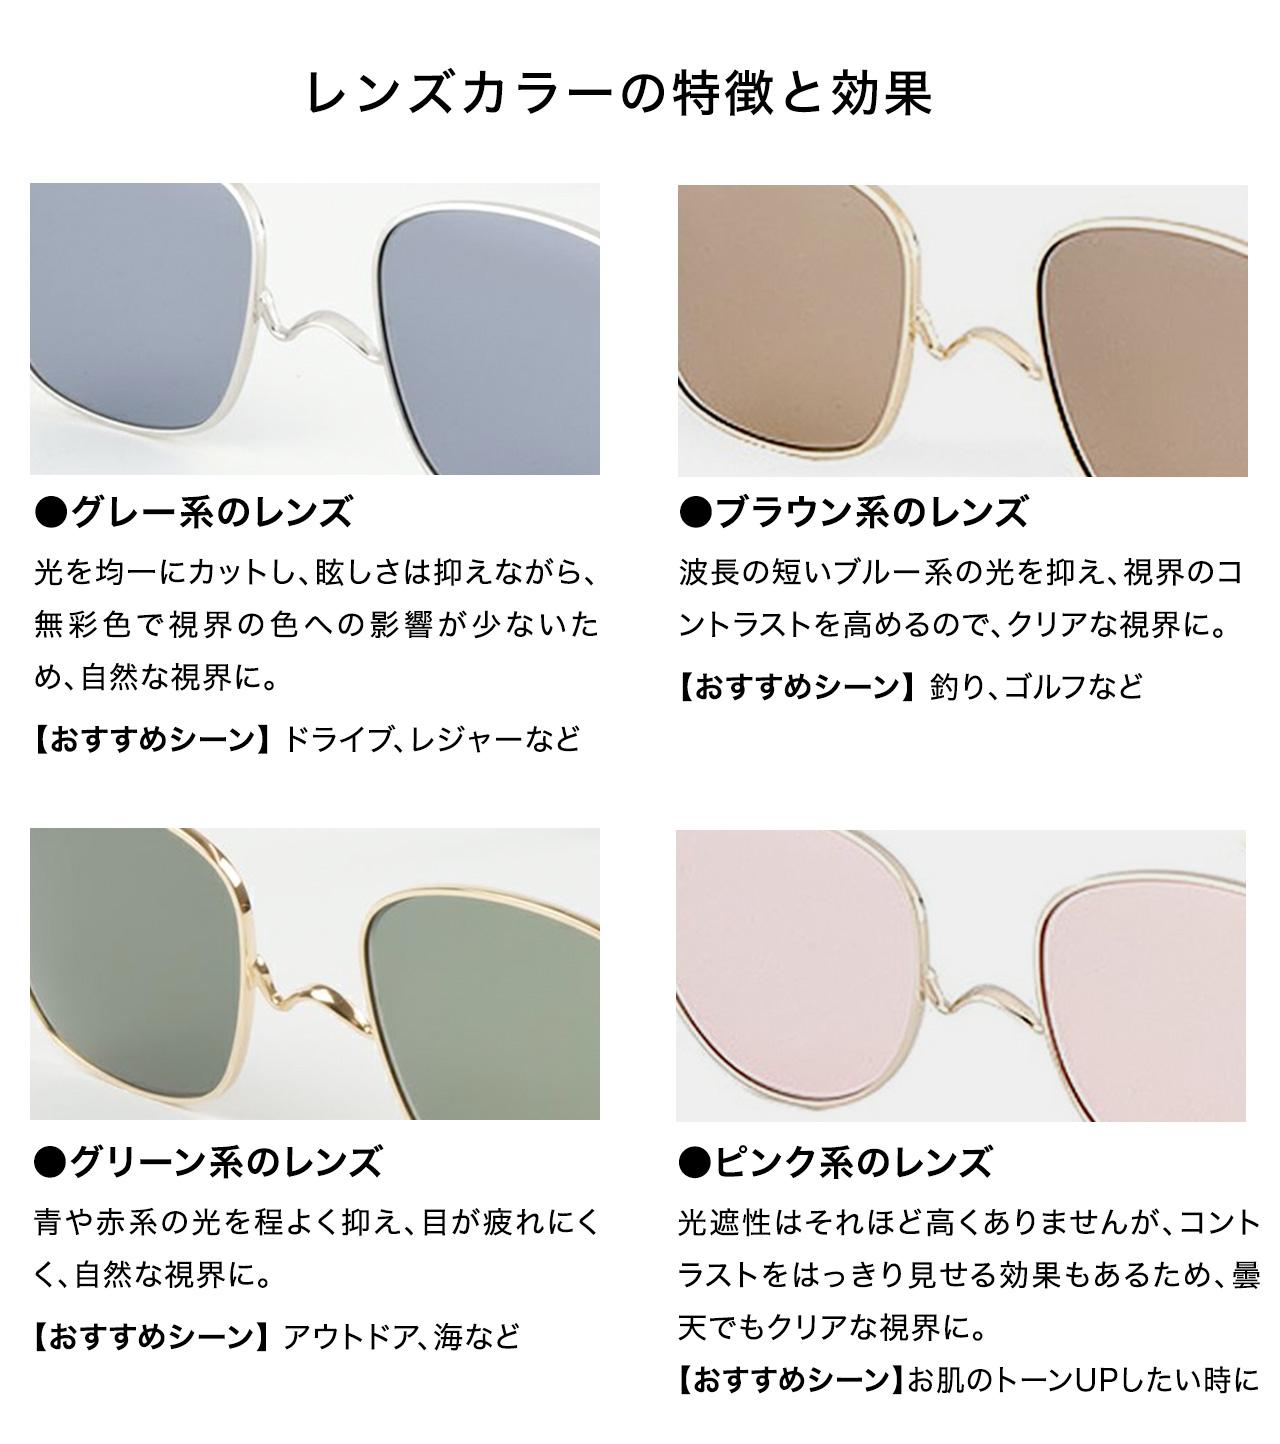 ペーパーグラス 薄いサングラス レンズカラーの特徴と効果